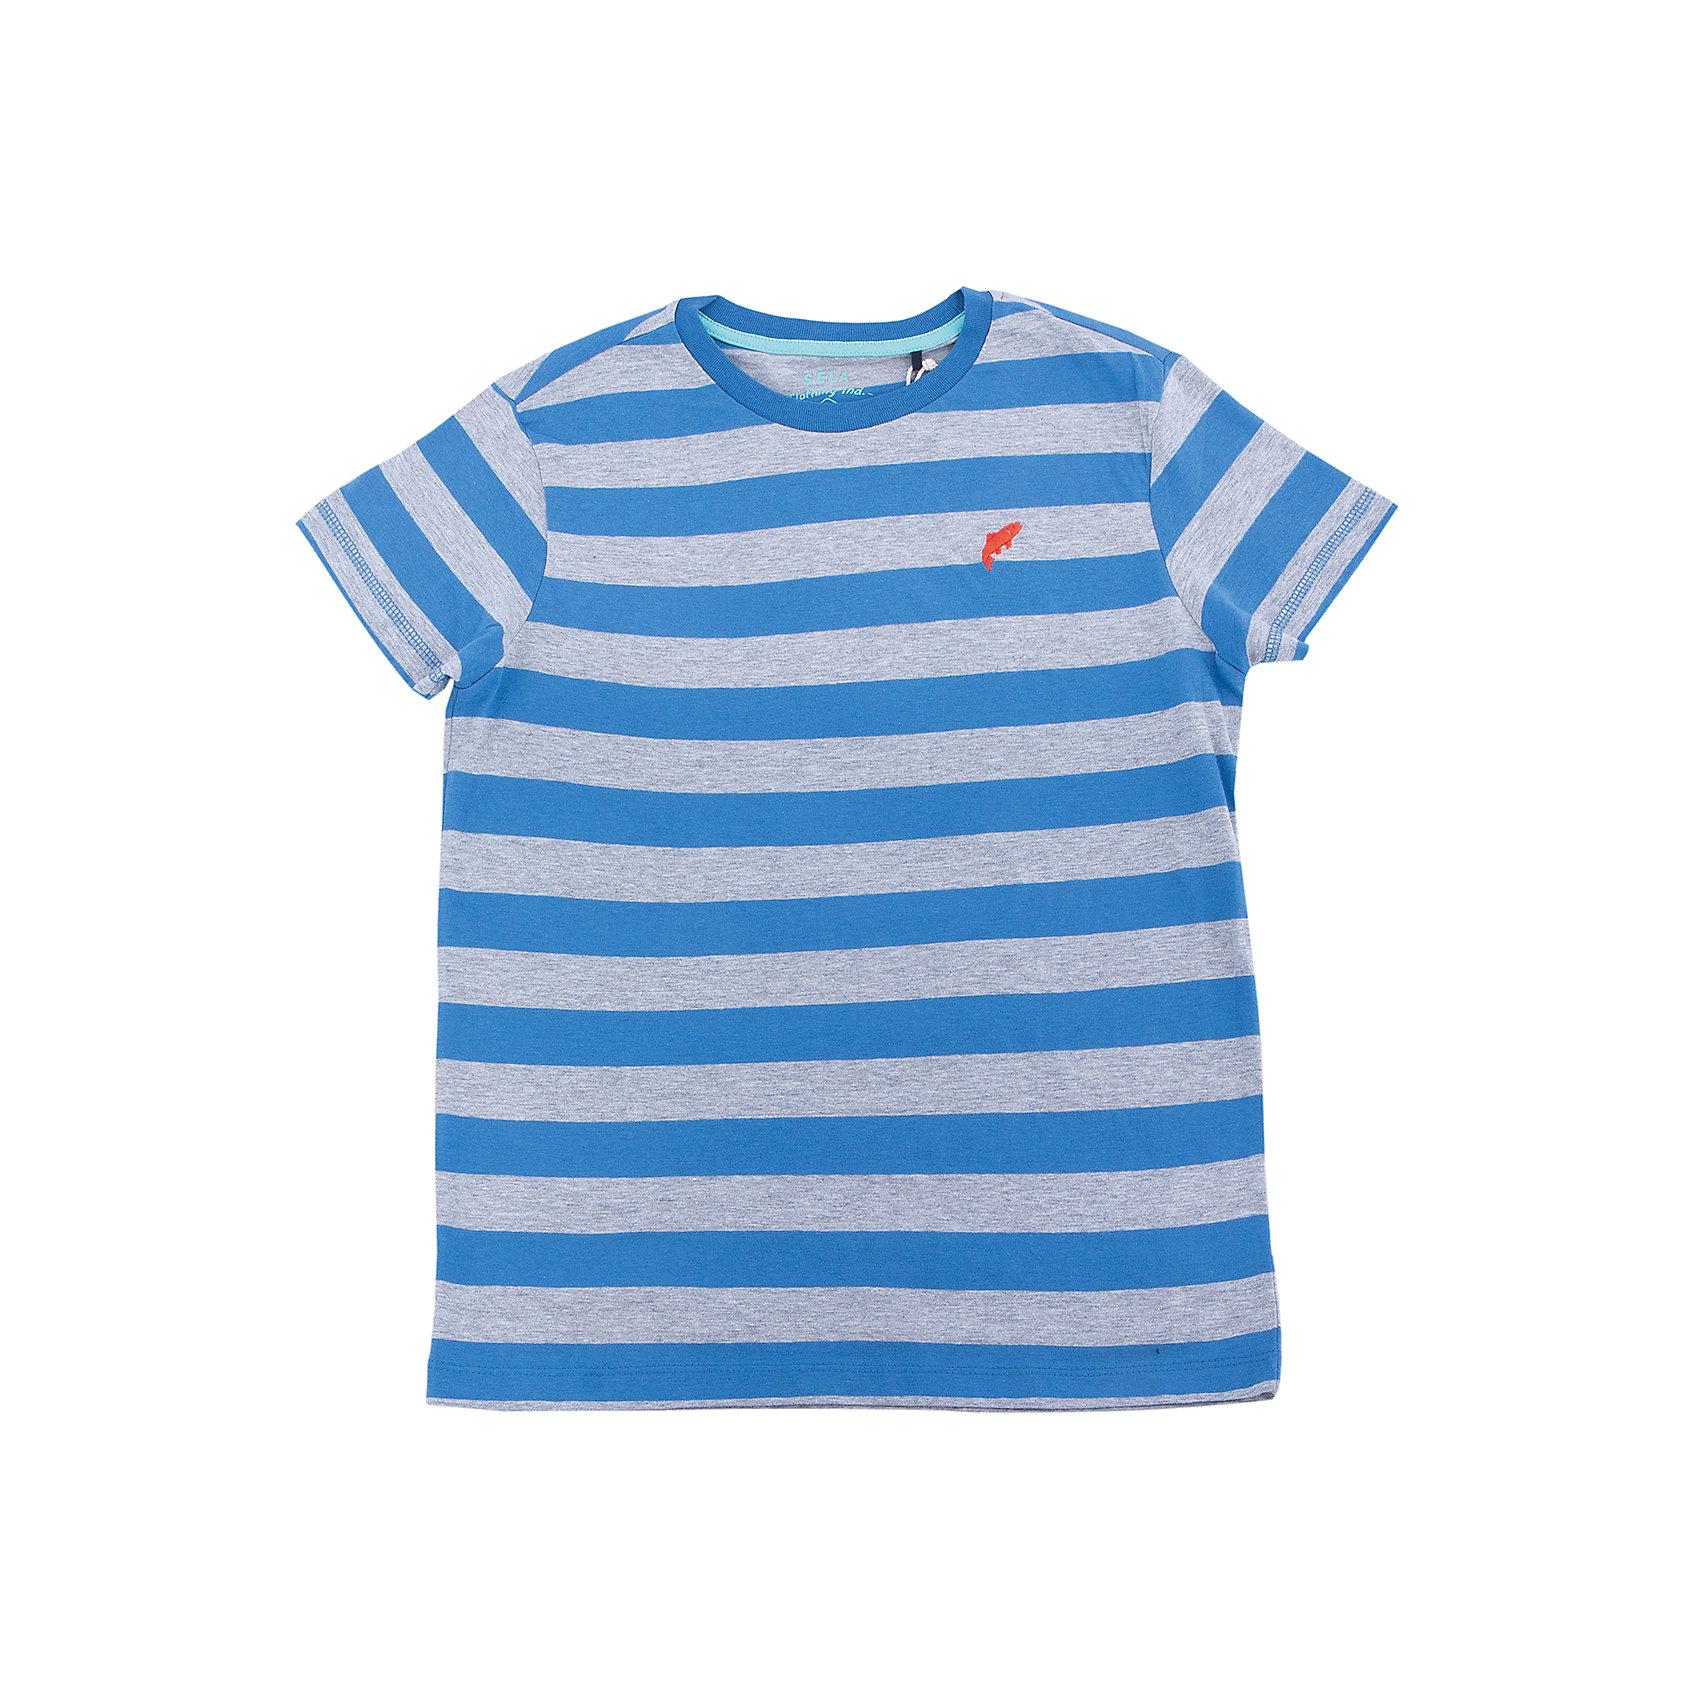 Футболка для мальчика SELAФутболки, поло и топы<br>Характеристики товара:<br><br>• цвет: индиго в полоску<br>• сезон: лето<br>• рукава короткие<br>• округлый горловой вырез<br>• страна бренда: Россия<br><br>Вещи из новой коллекции SELA продолжают радовать удобством! Эта футболка для мальчика поможет разнообразить гардероб ребенка и обеспечить комфорт. Она отлично сочетается с шортами и брюками. Стильная и удобная вещь!<br><br>Футболку для мальчика от популярного бренда SELA (СЕЛА) можно купить в нашем интернет-магазине.<br><br>Ширина мм: 230<br>Глубина мм: 40<br>Высота мм: 220<br>Вес г: 250<br>Цвет: синий<br>Возраст от месяцев: 96<br>Возраст до месяцев: 108<br>Пол: Мужской<br>Возраст: Детский<br>Размер: 134,146,140,152,122,128<br>SKU: 5304116